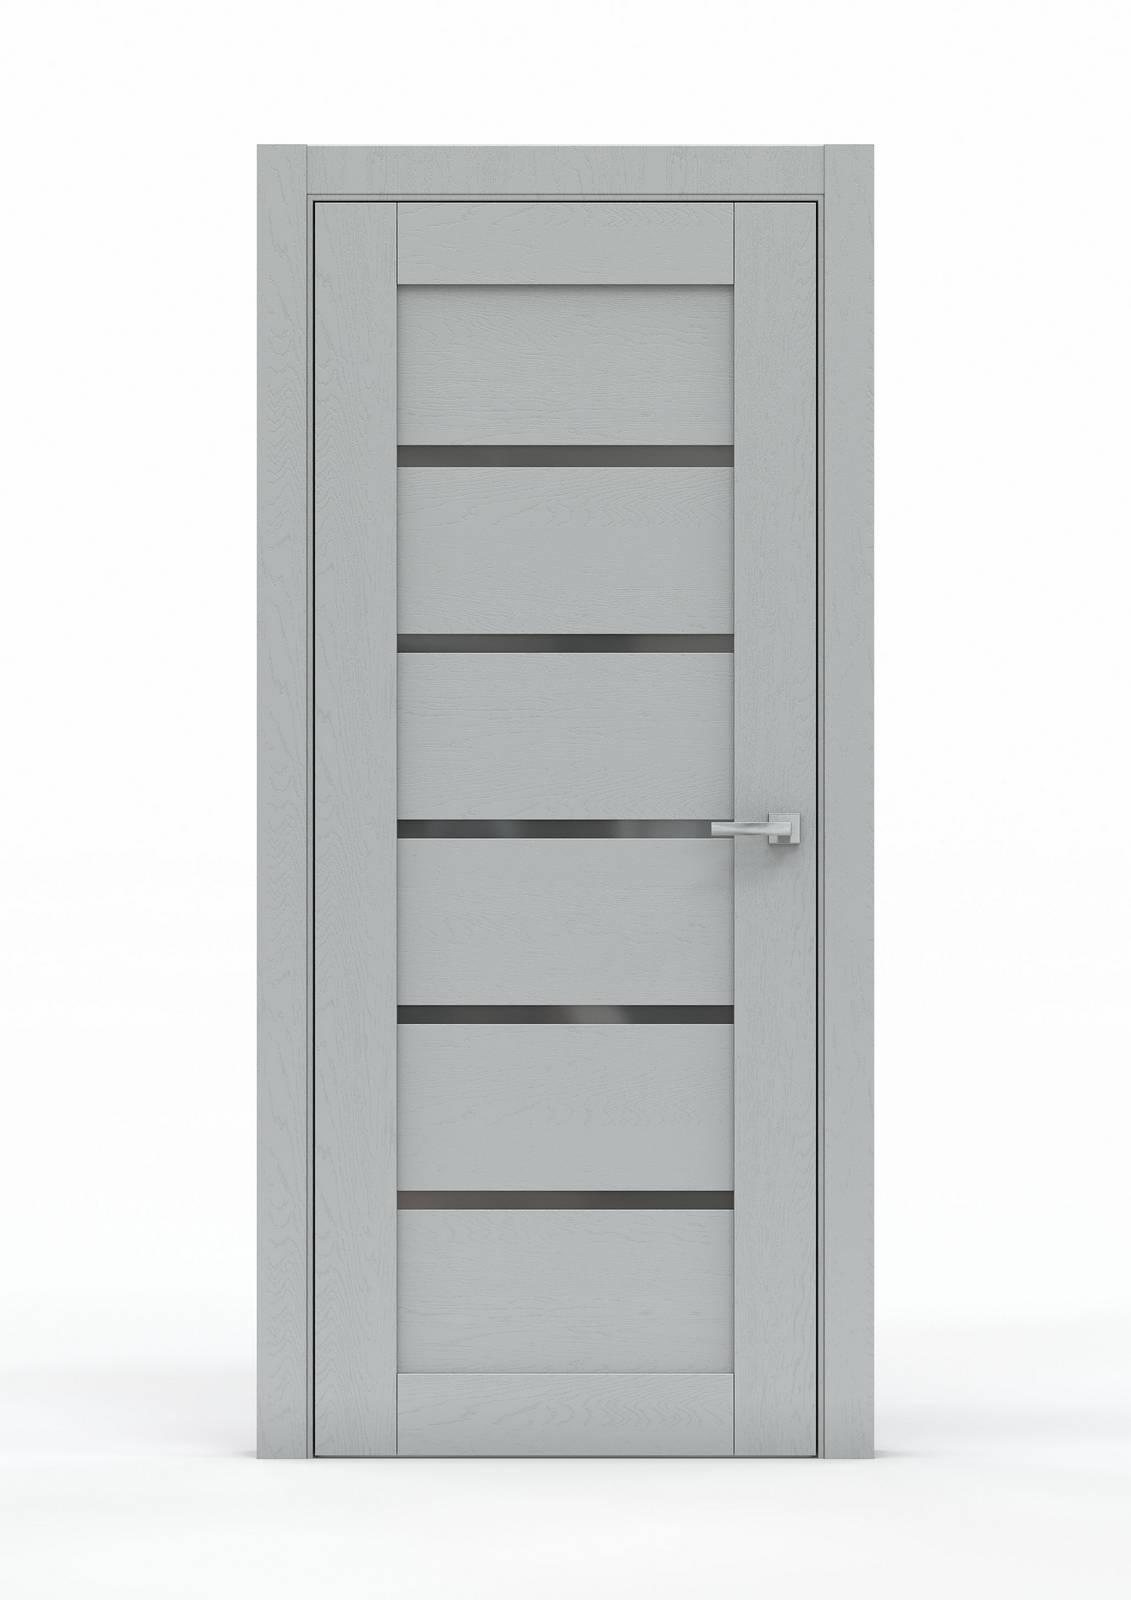 Межкомнатная дверь из экошпона - 0683. Цвет - Жемчуг